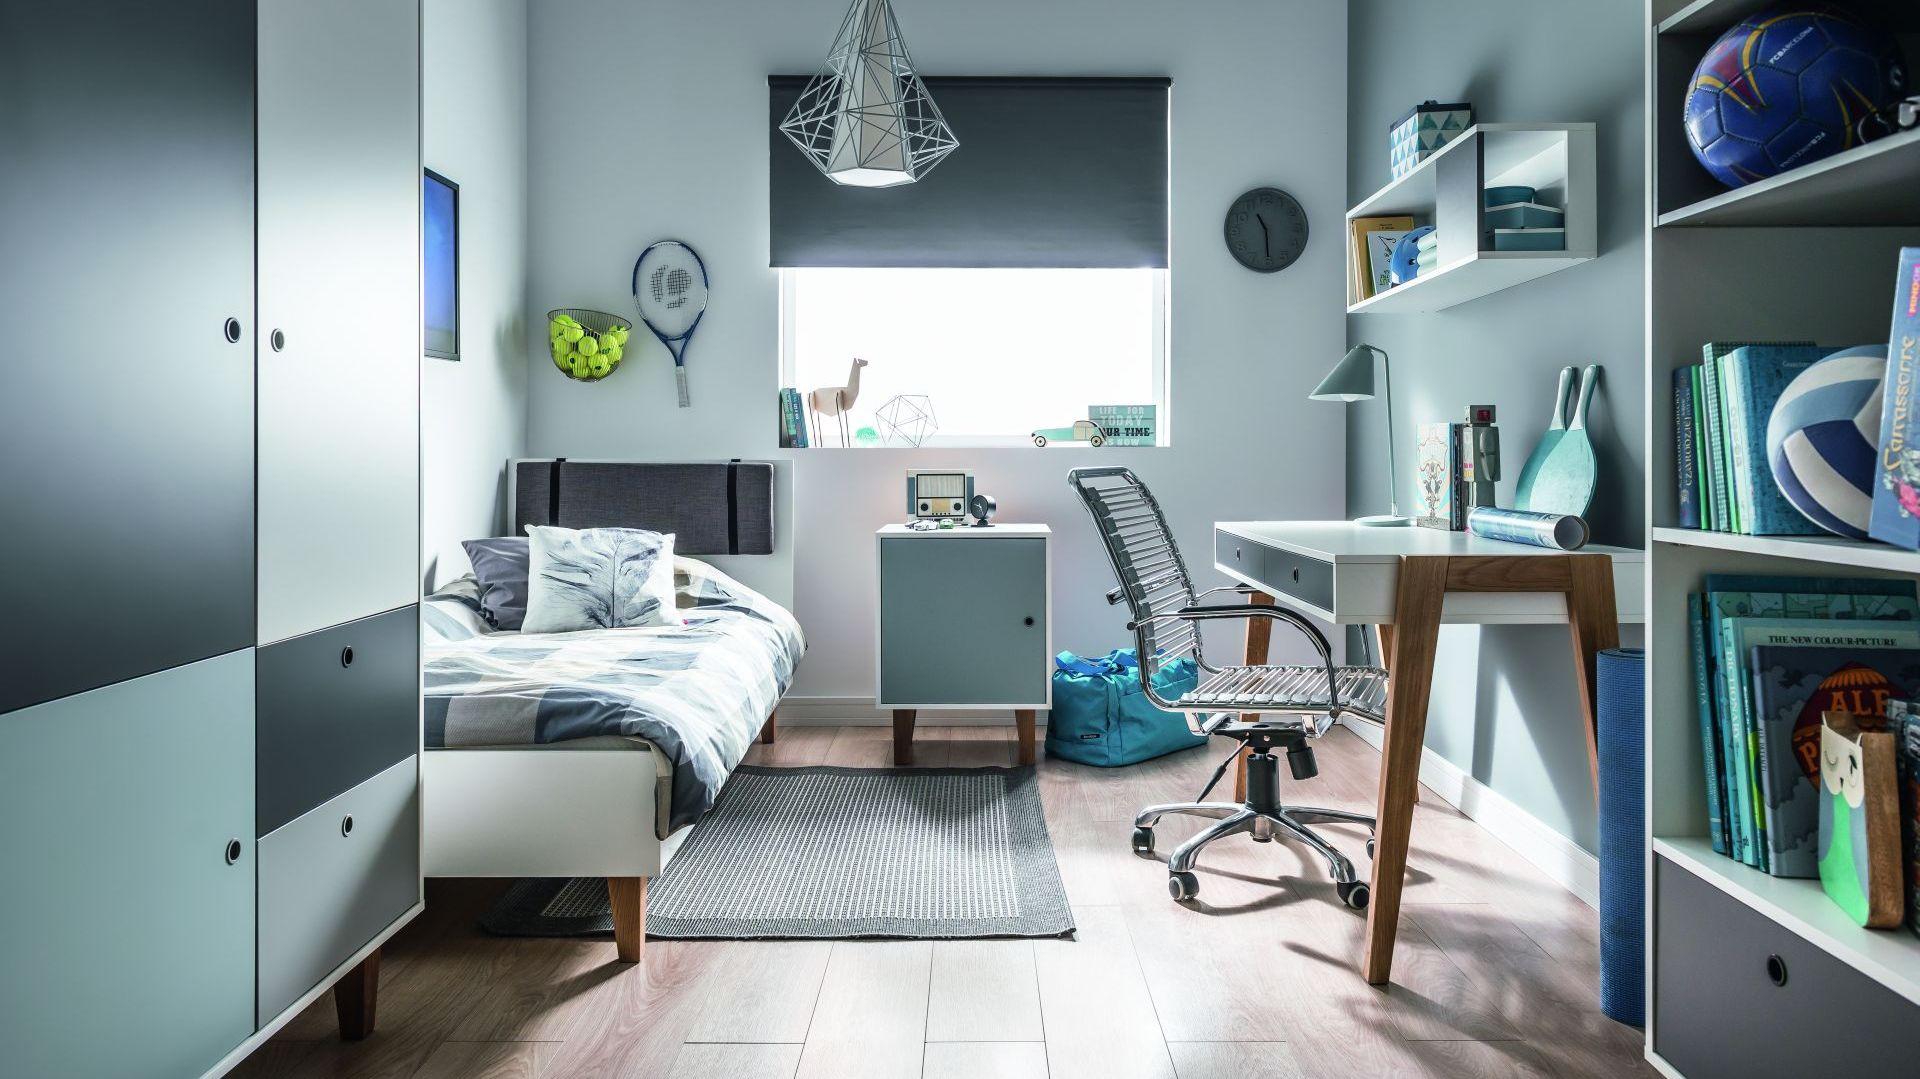 Concept to kolekcja mebli w nowoczesnym stylu. Można zmieniać kolorystykę frontów. Fot. Vox